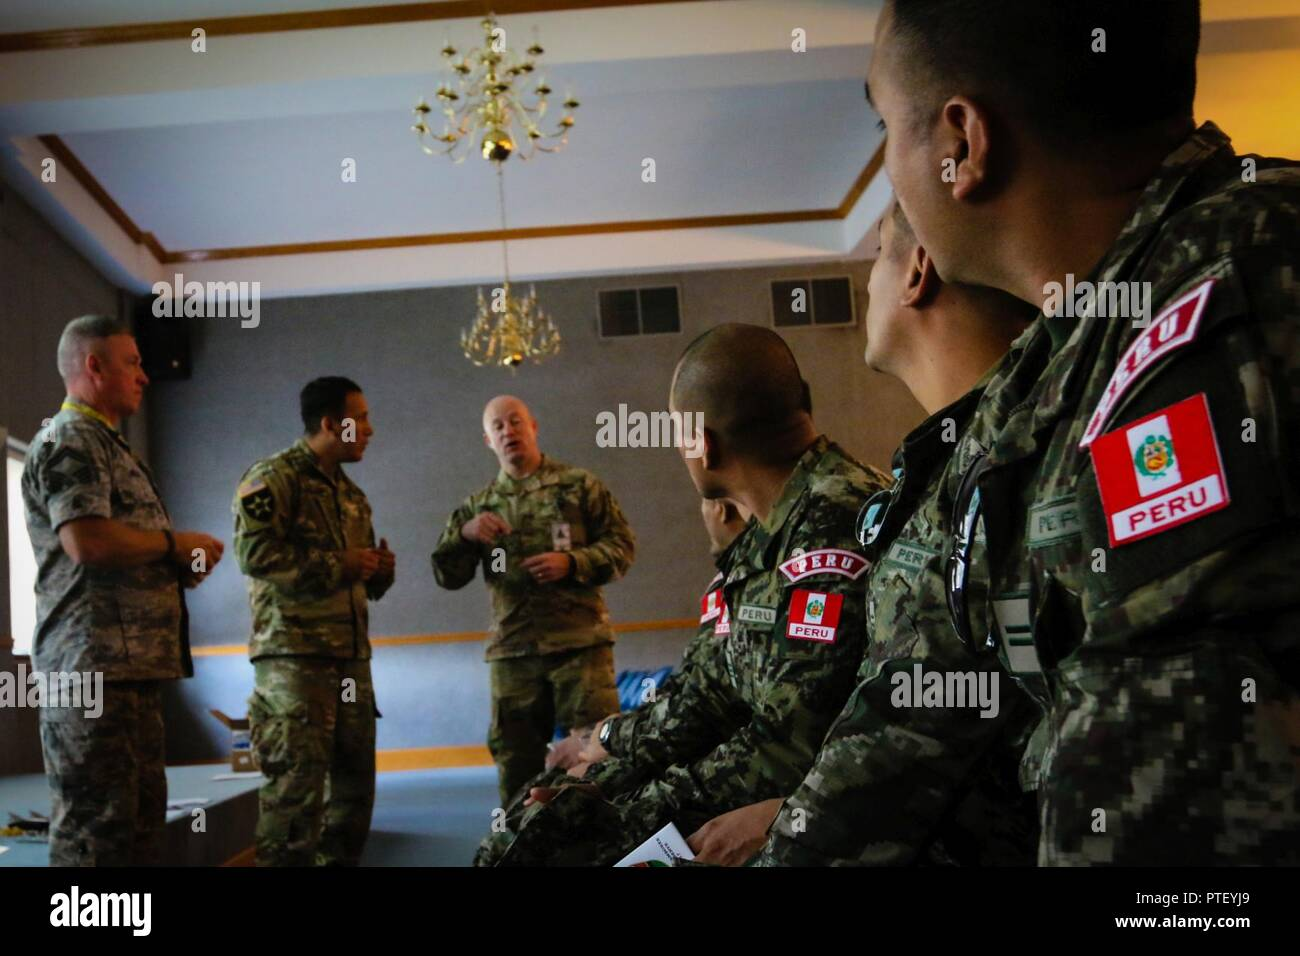 El Sargento Primero Superior de la Fuerza Aérea. Jody Miller, el sargento del ejército. Héctor Guillén y Gral. del Ejército Thomas Poling discutir maneras de coordinar entre la policía militar y civil de los socorristas con soldados del Ejército peruano durante un programa de asociación estatal oportunidad de capacitación durante el 2017 Jamboree nacional en la Cumbre Bechtel reserva cerca de Glen Jean, W.Va., 18 de julio de 2017. Más de 30.000 tropas scouts, líderes, voluntarios y miembros del personal profesional, así como a más de 15.000 visitantes se espera que asistan al 2017 Jamboree Nacional. Aproximadamente 1.200 miembros militares del Departm Foto de stock